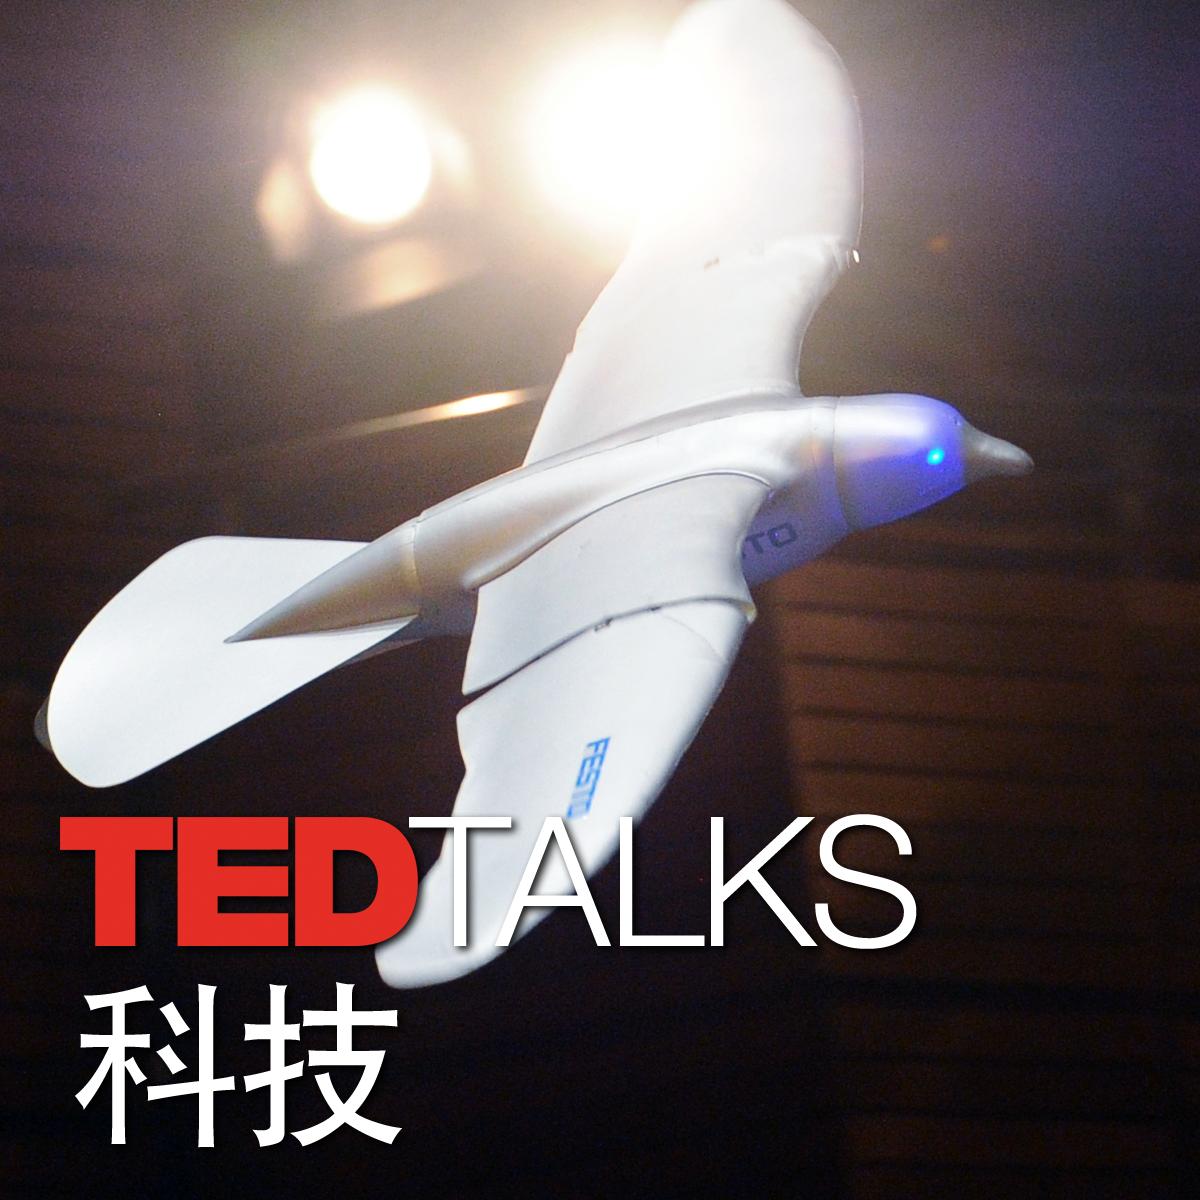 TEDTalks 科技